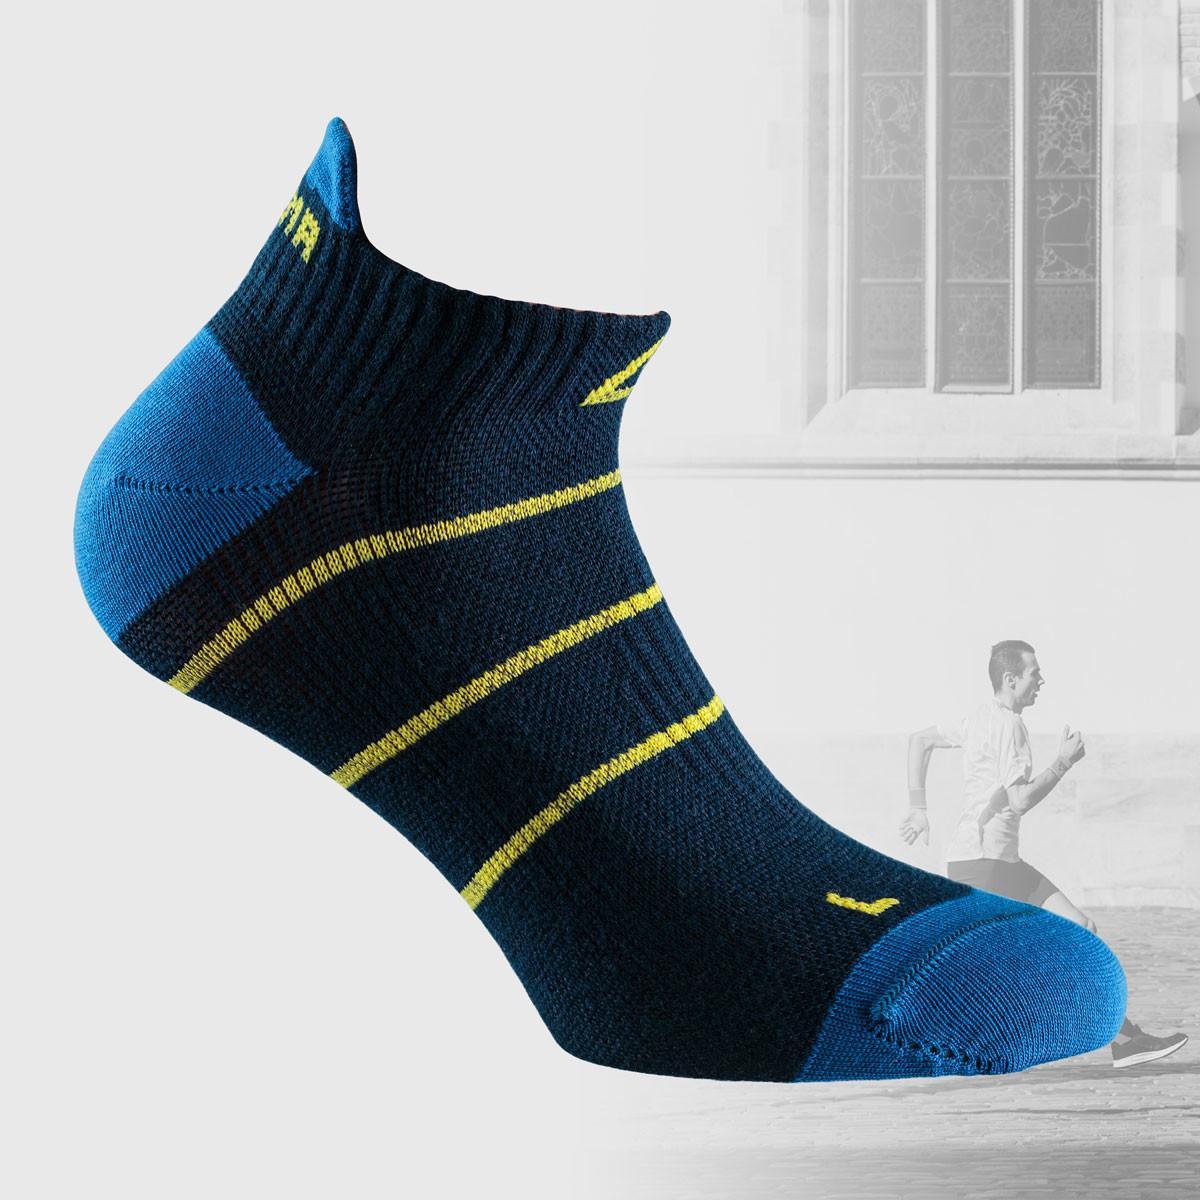 navy stripe socsk for running